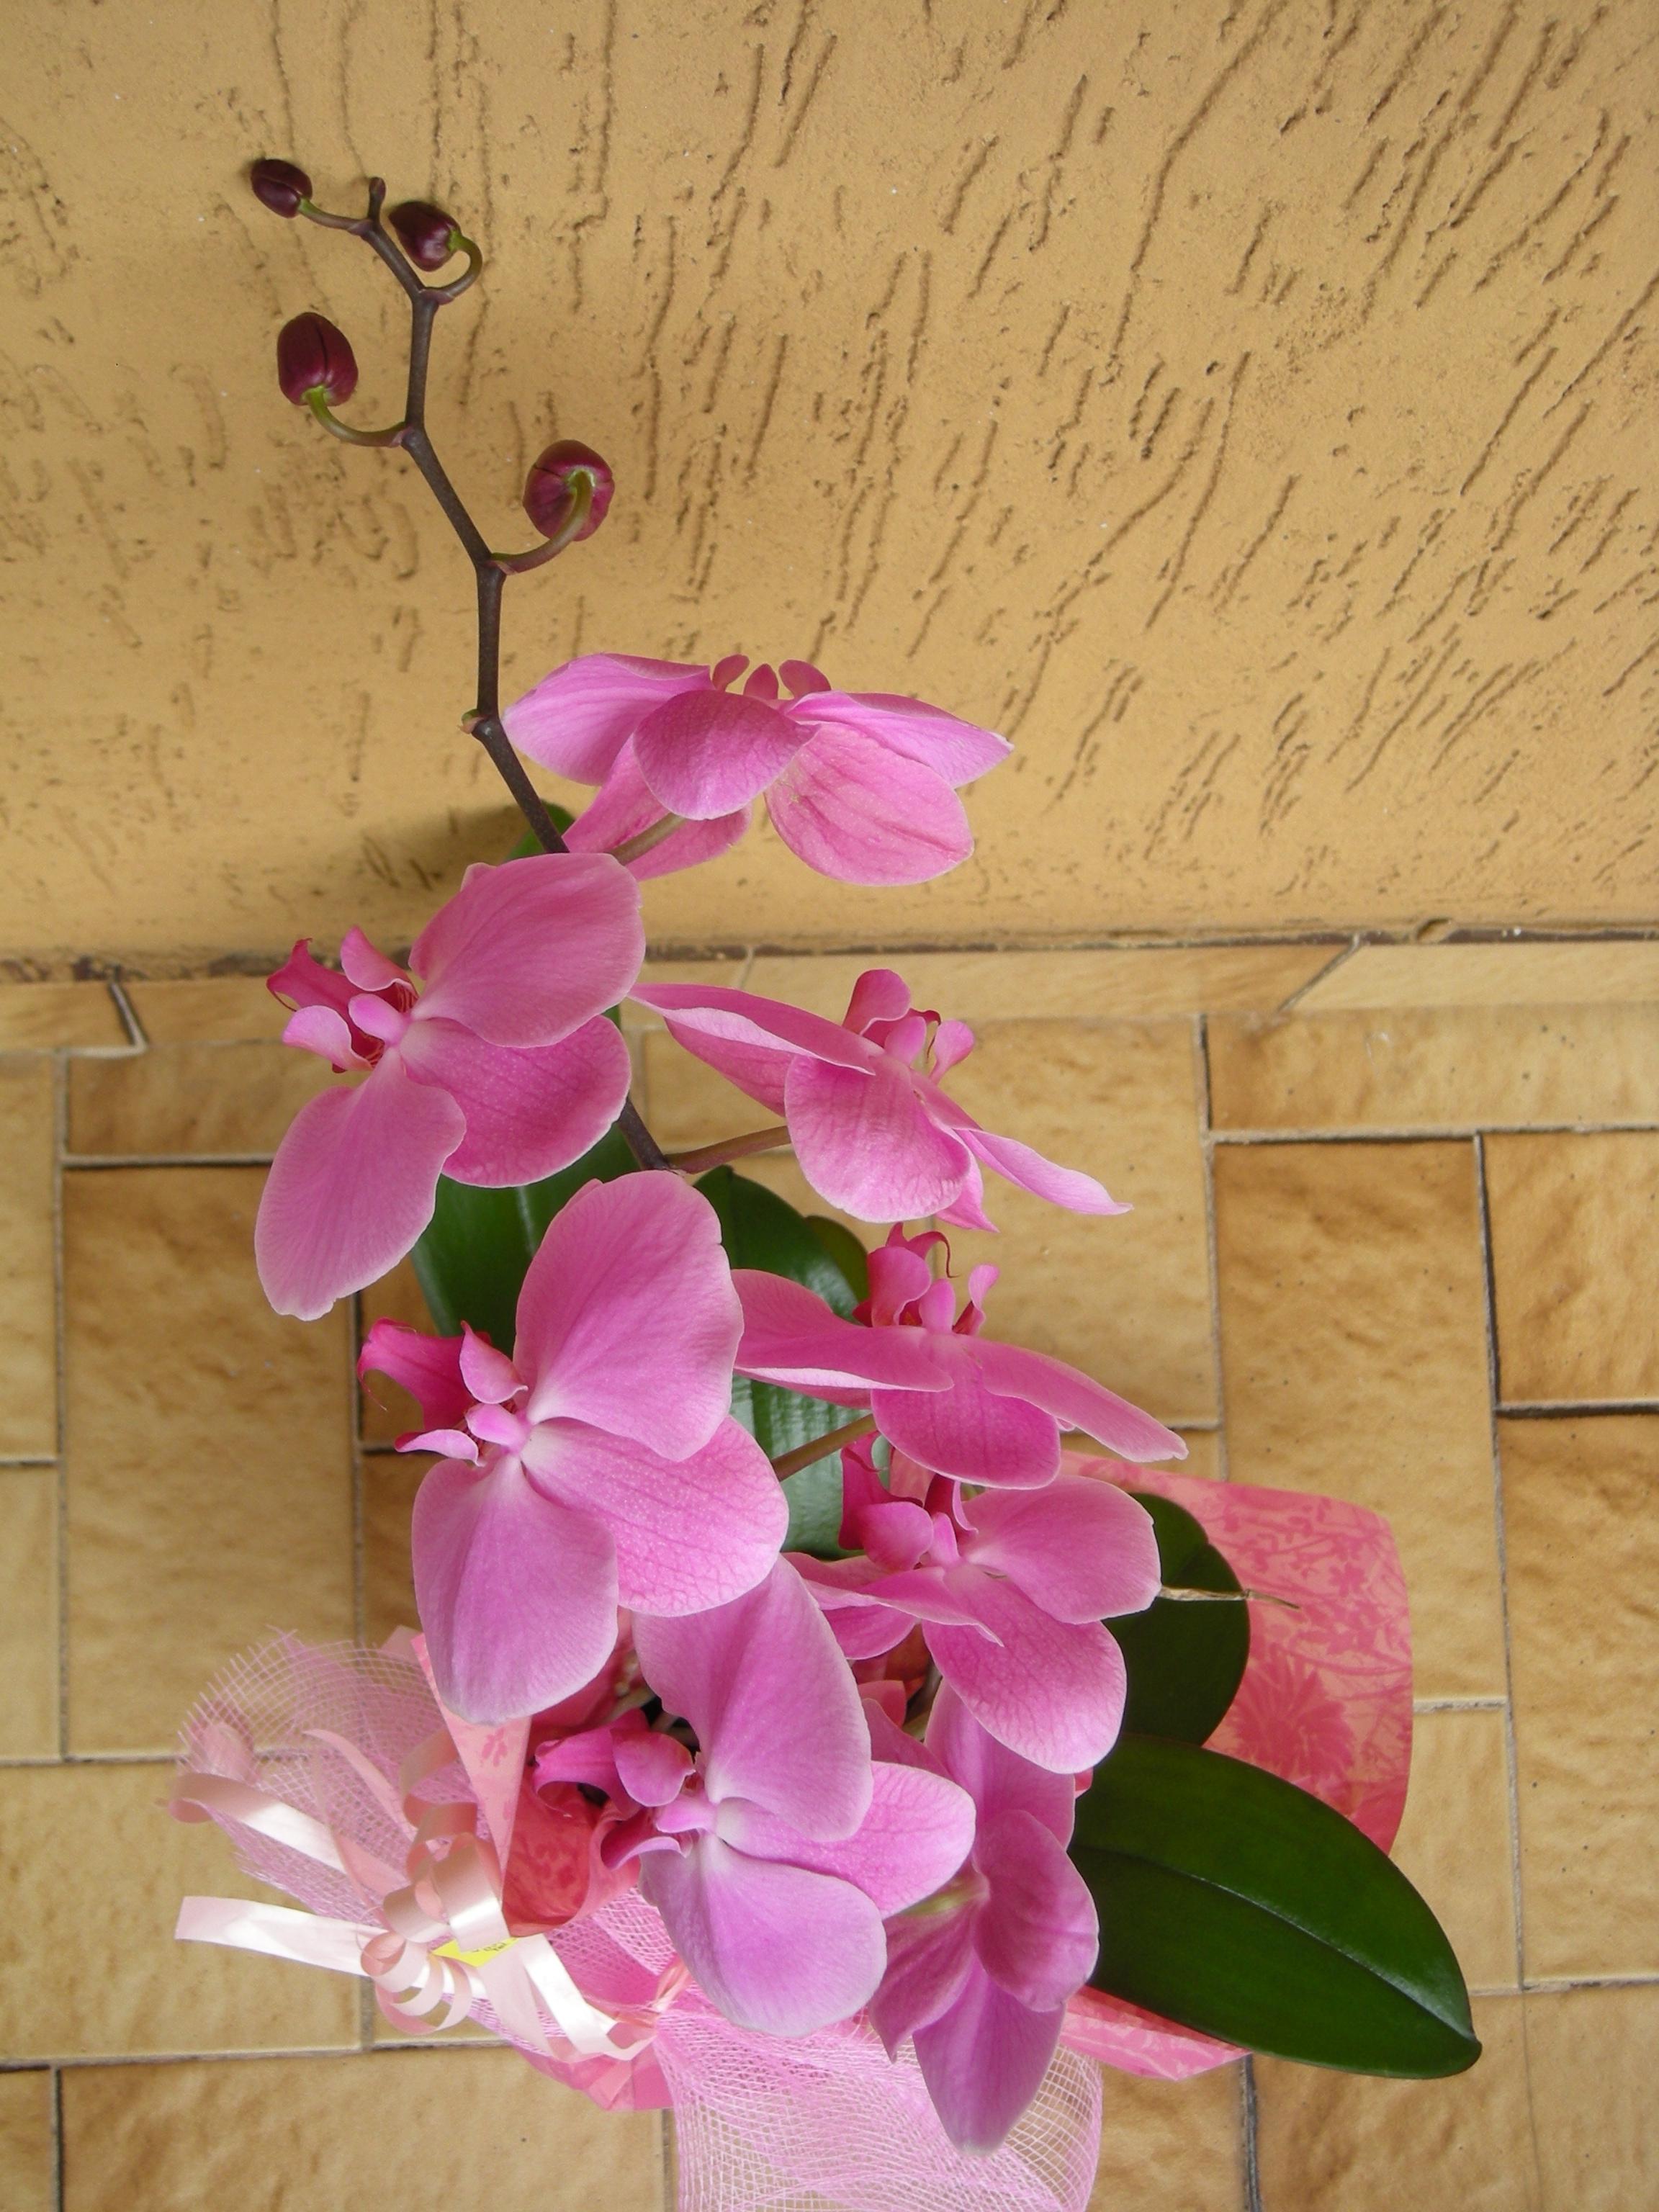 Idee regalo un orchidea per un ambientalista scatta l for Orchidea acqua